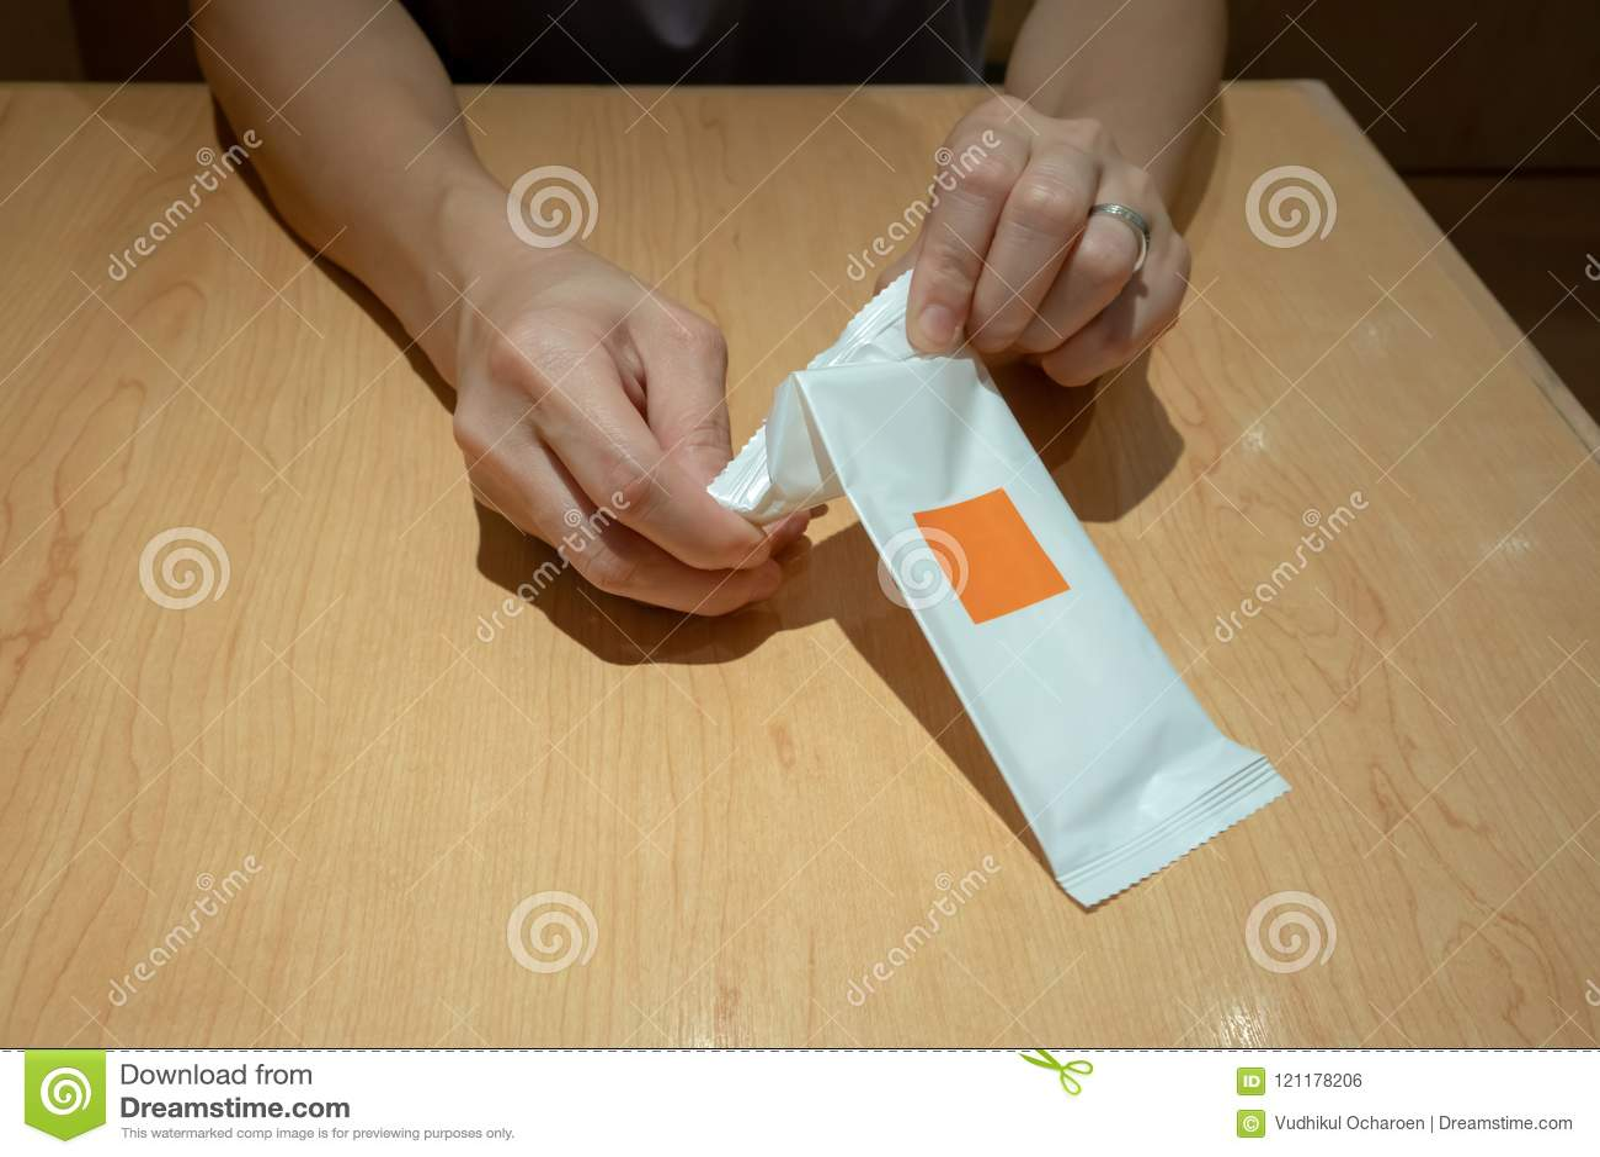 Übergeben Sie das Ziehen des nassen Papiers oder der Serviette von der Plastikverpackung